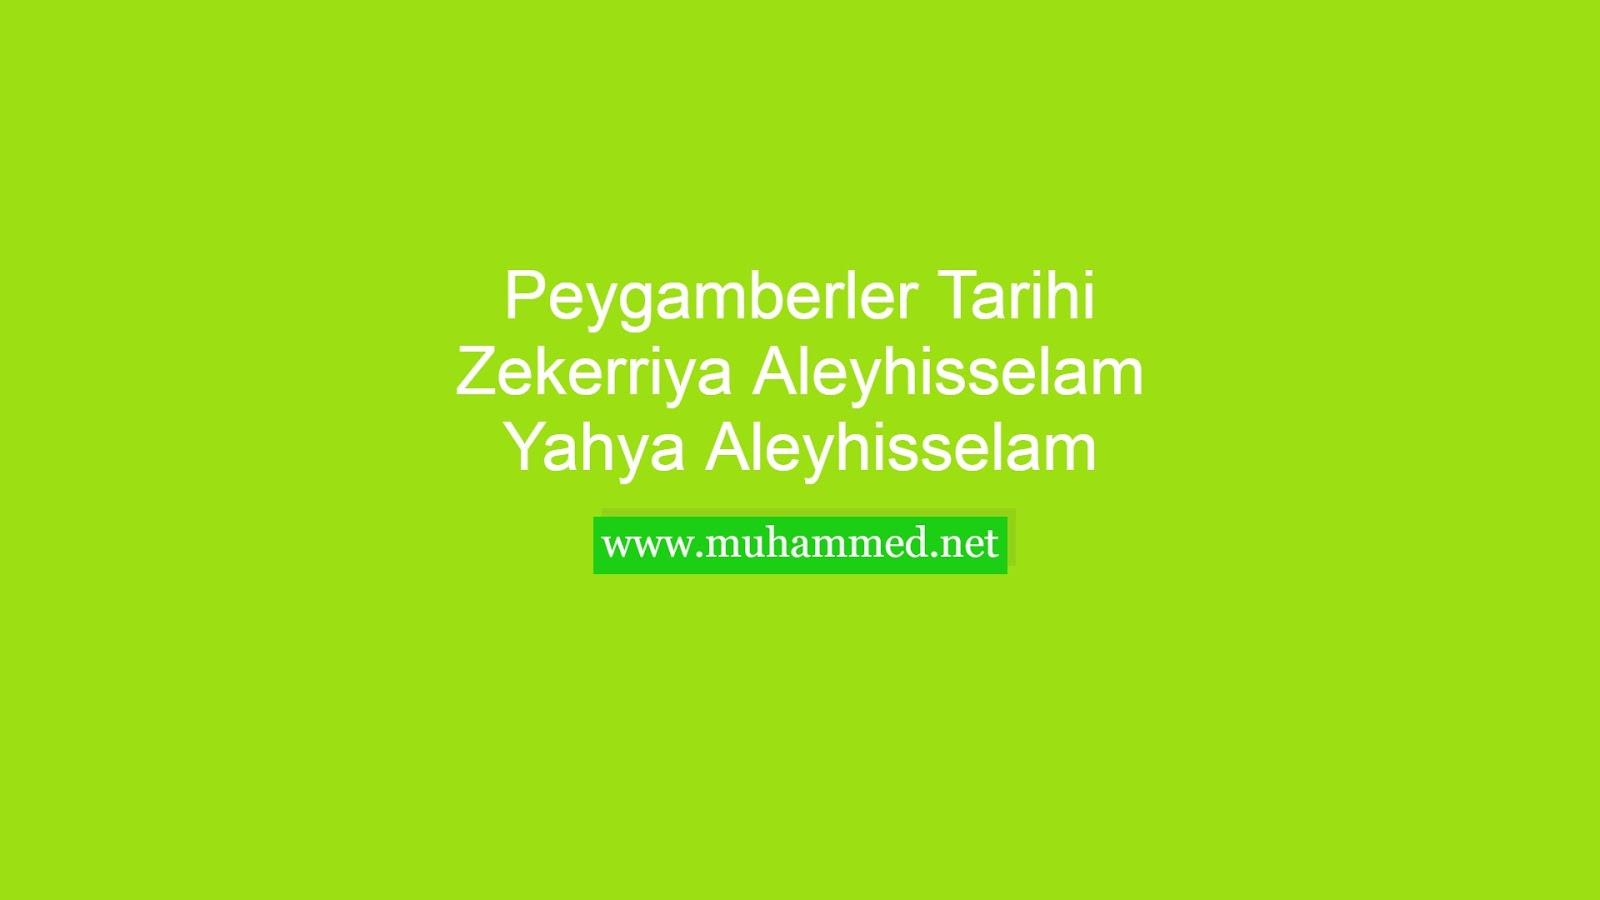 Hz. Zekerriya (a.s.) ve Hz. Yahya (a.s.)